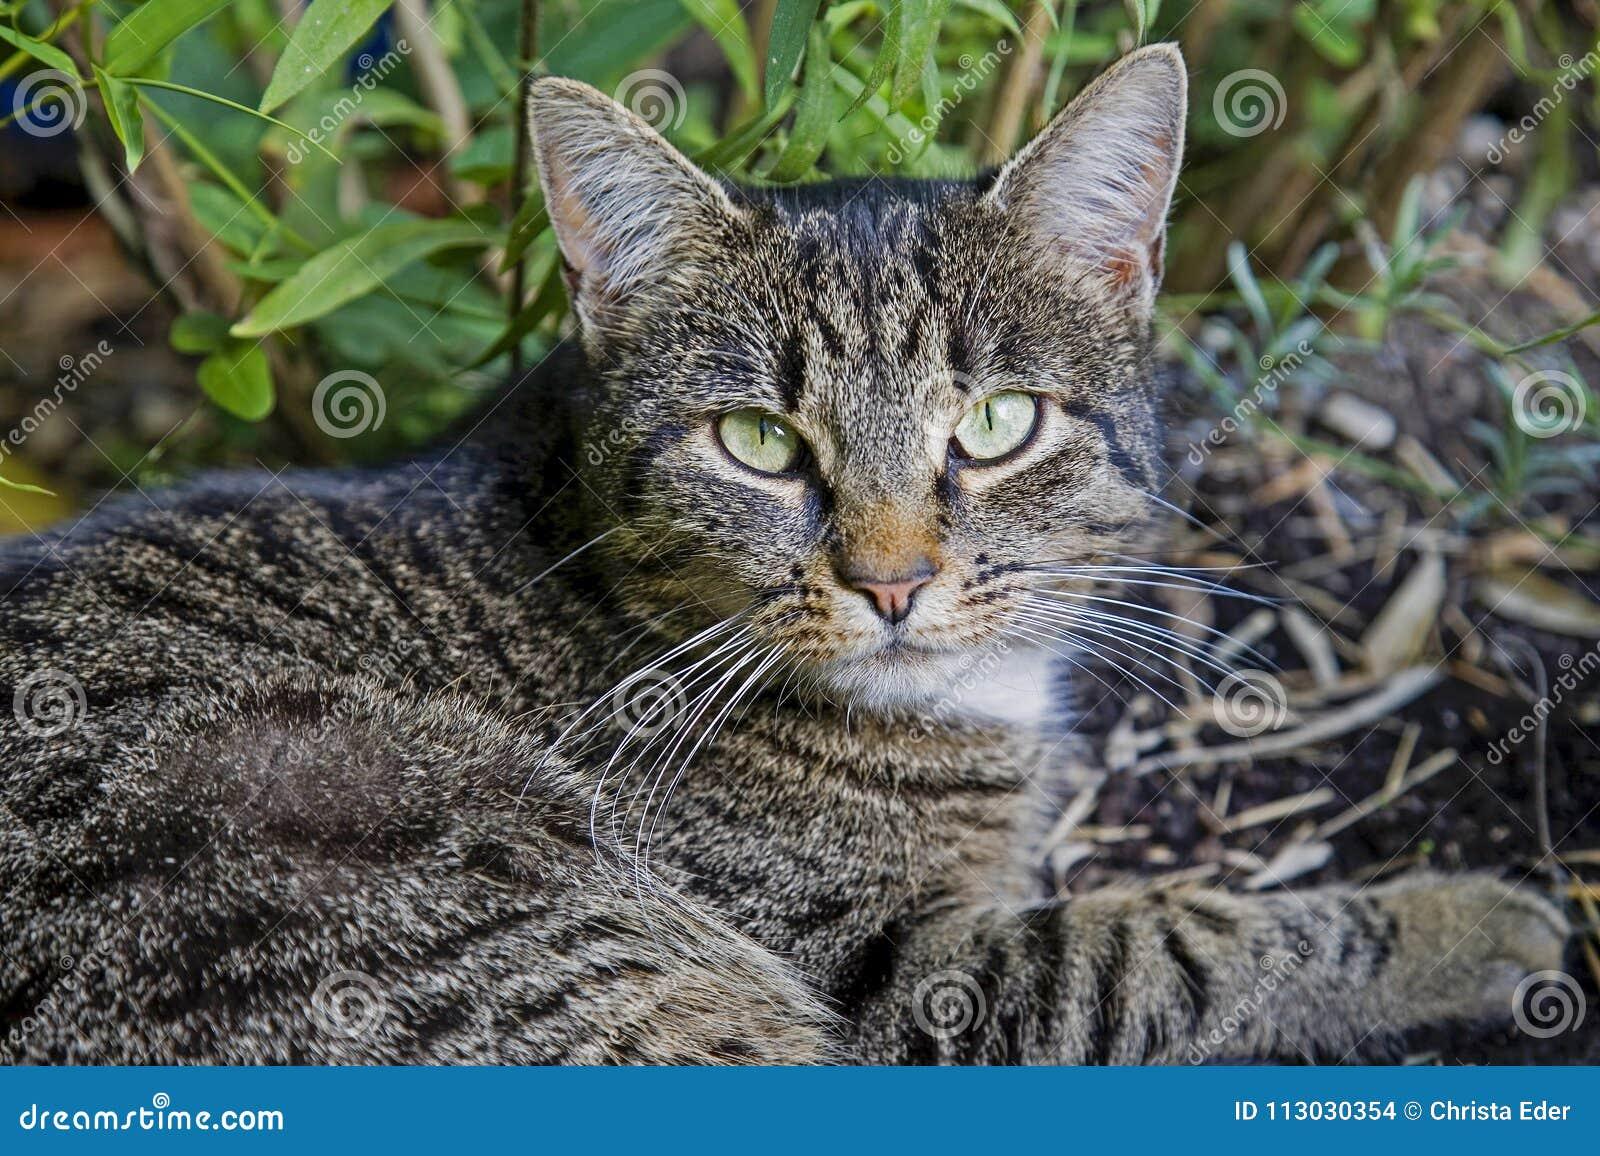 Gato camuflado bien en la posición que está al acecho